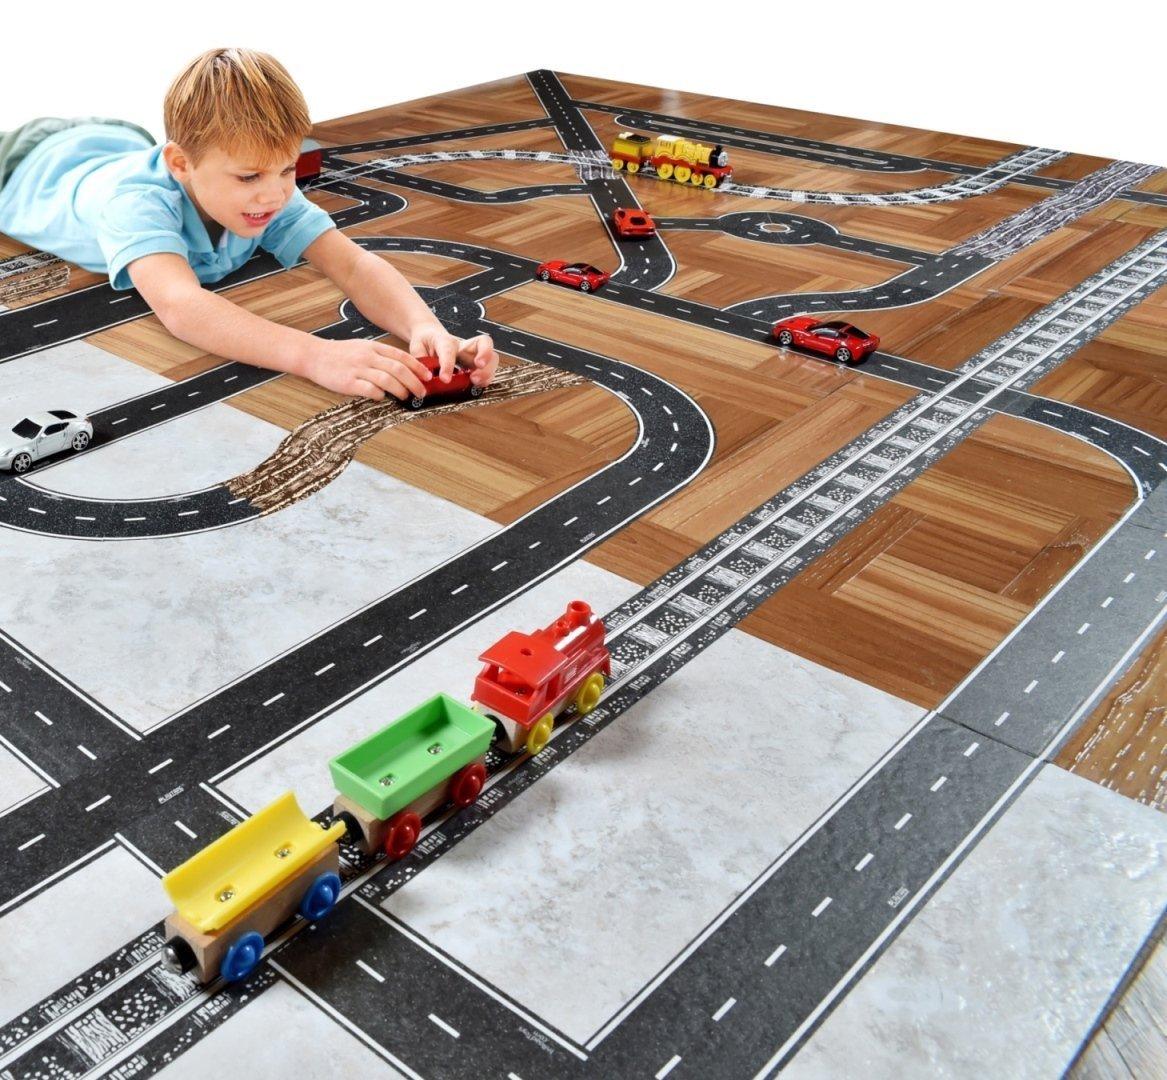 儿童DIY公路铁路道路胶带玩具马路交通场景贴纸火车轨道地板车道